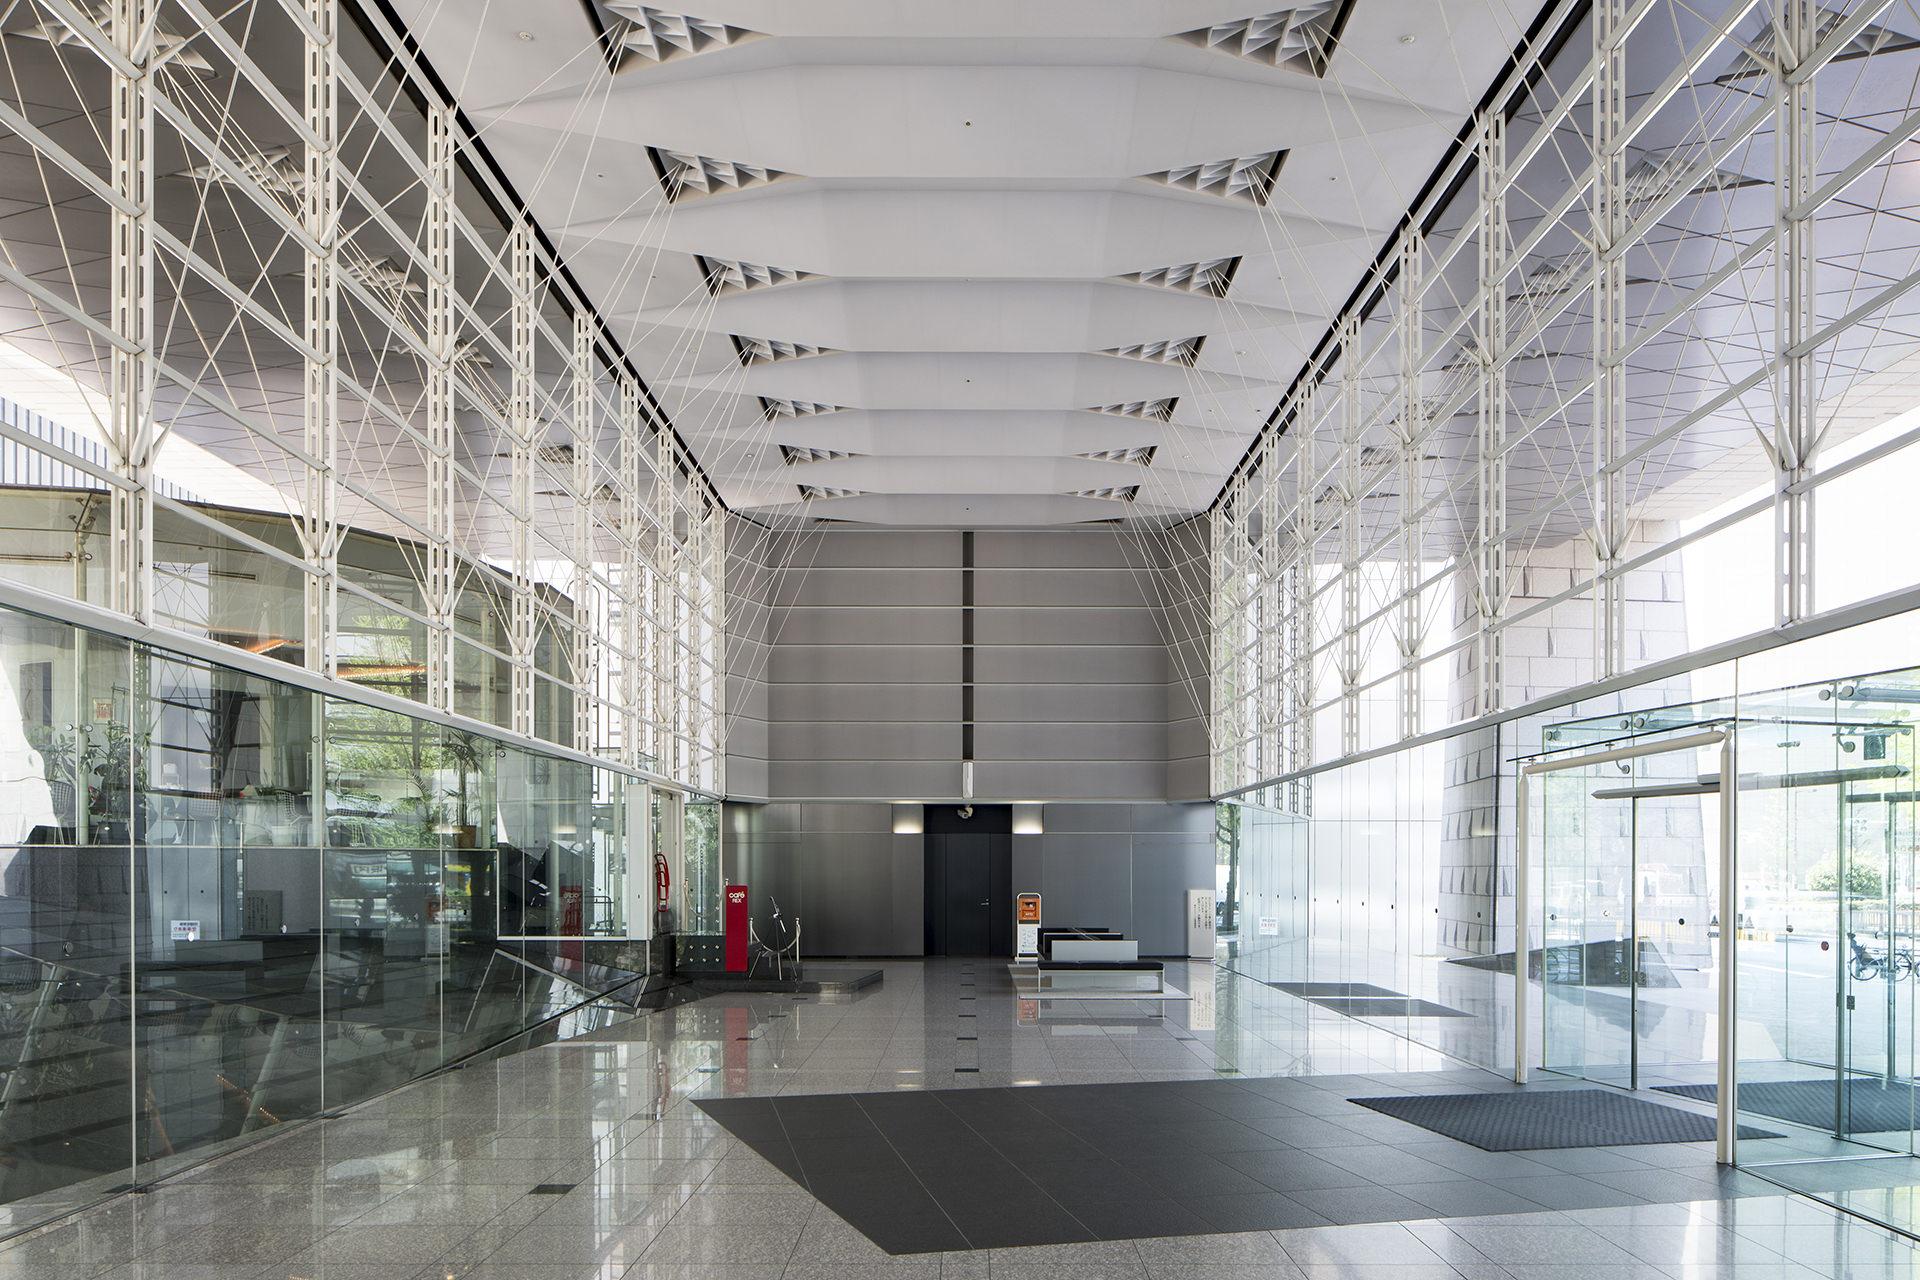 兼松ビルディング 撮影イメージ07 撮影:東涌写真事務所・東涌宏和